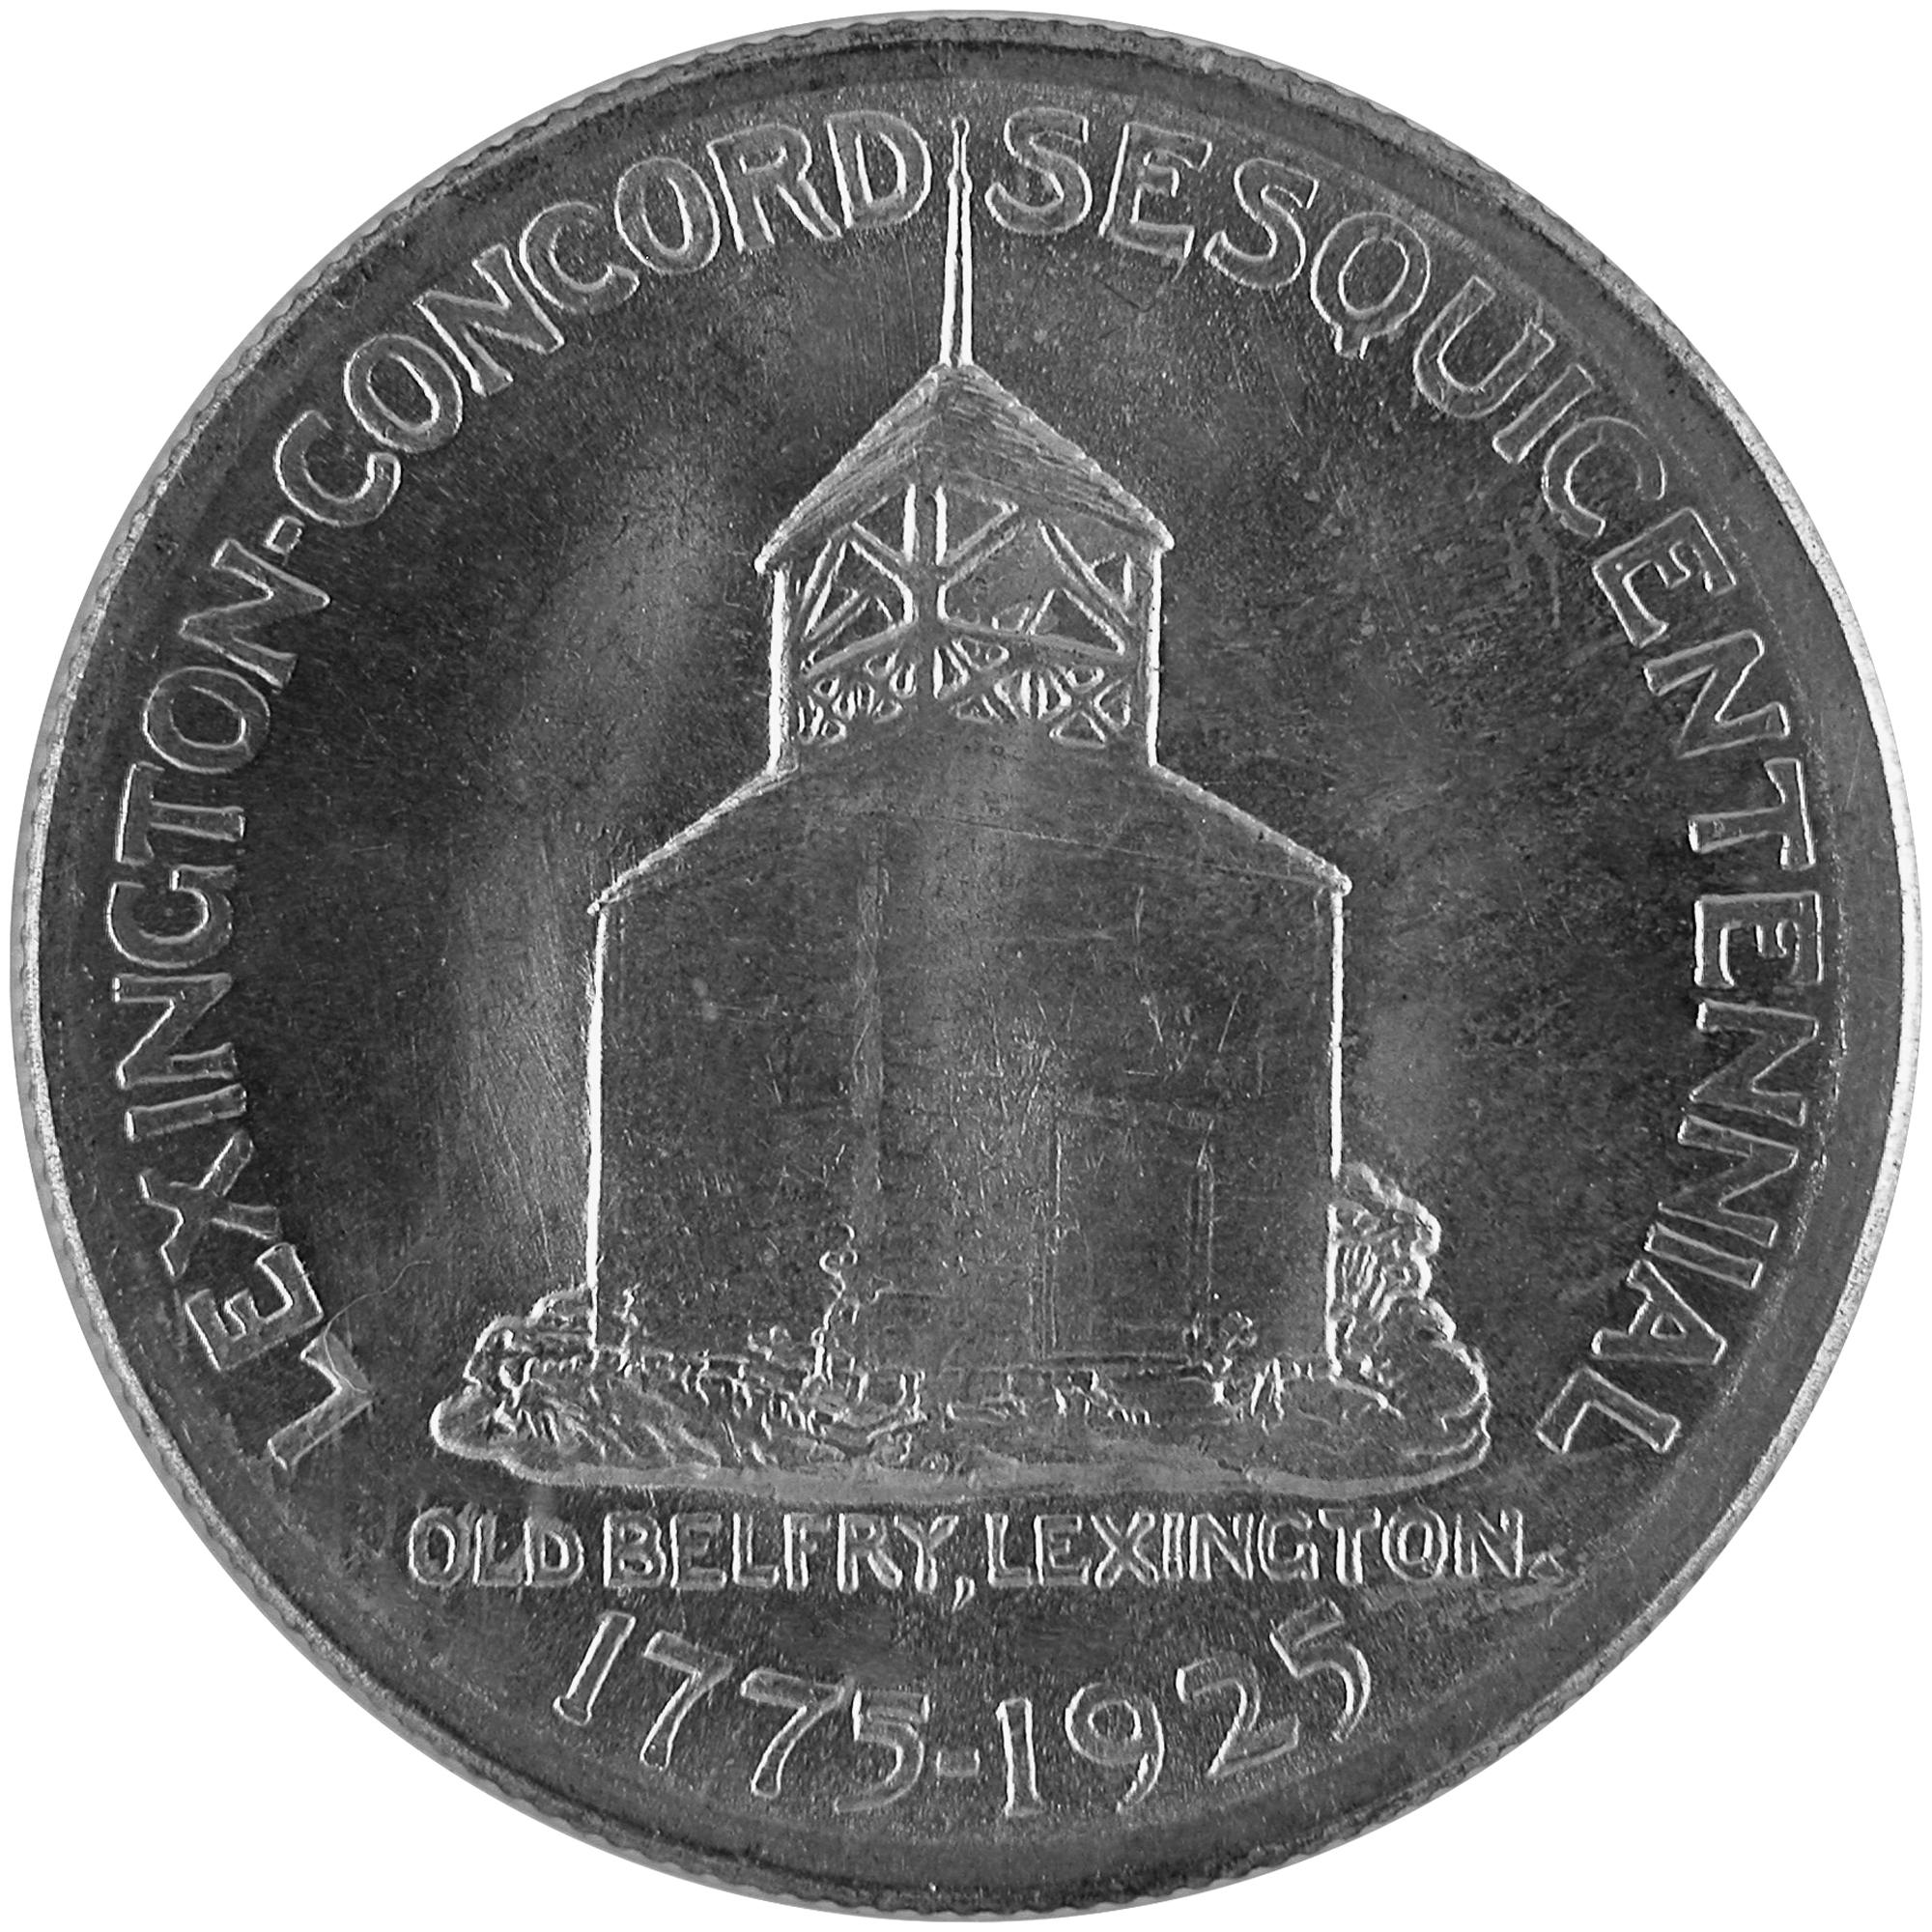 1925 Lexington Concord Sesquicentennial Commemorative Silver Half Dollar Coin Reverse